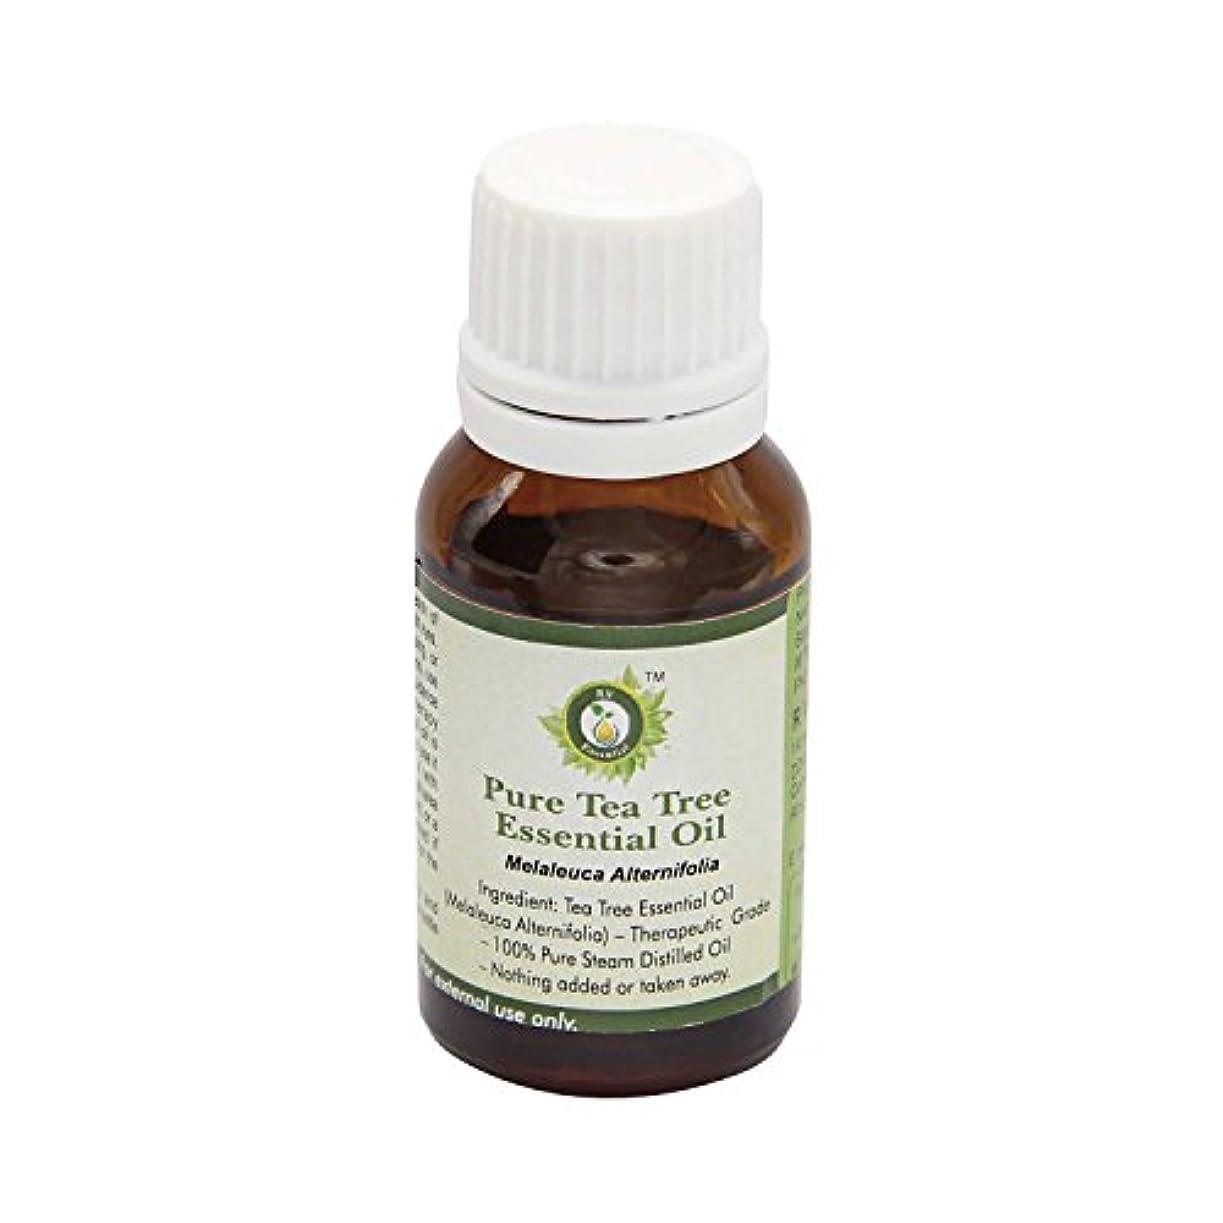 流グリーンバック実用的R V Essential ピュアティーツリーエッセンシャルオイル15ml (0.507oz)- Melaleuca Alternifolia (100%純粋&天然スチームDistilled) Pure Tea Tree...